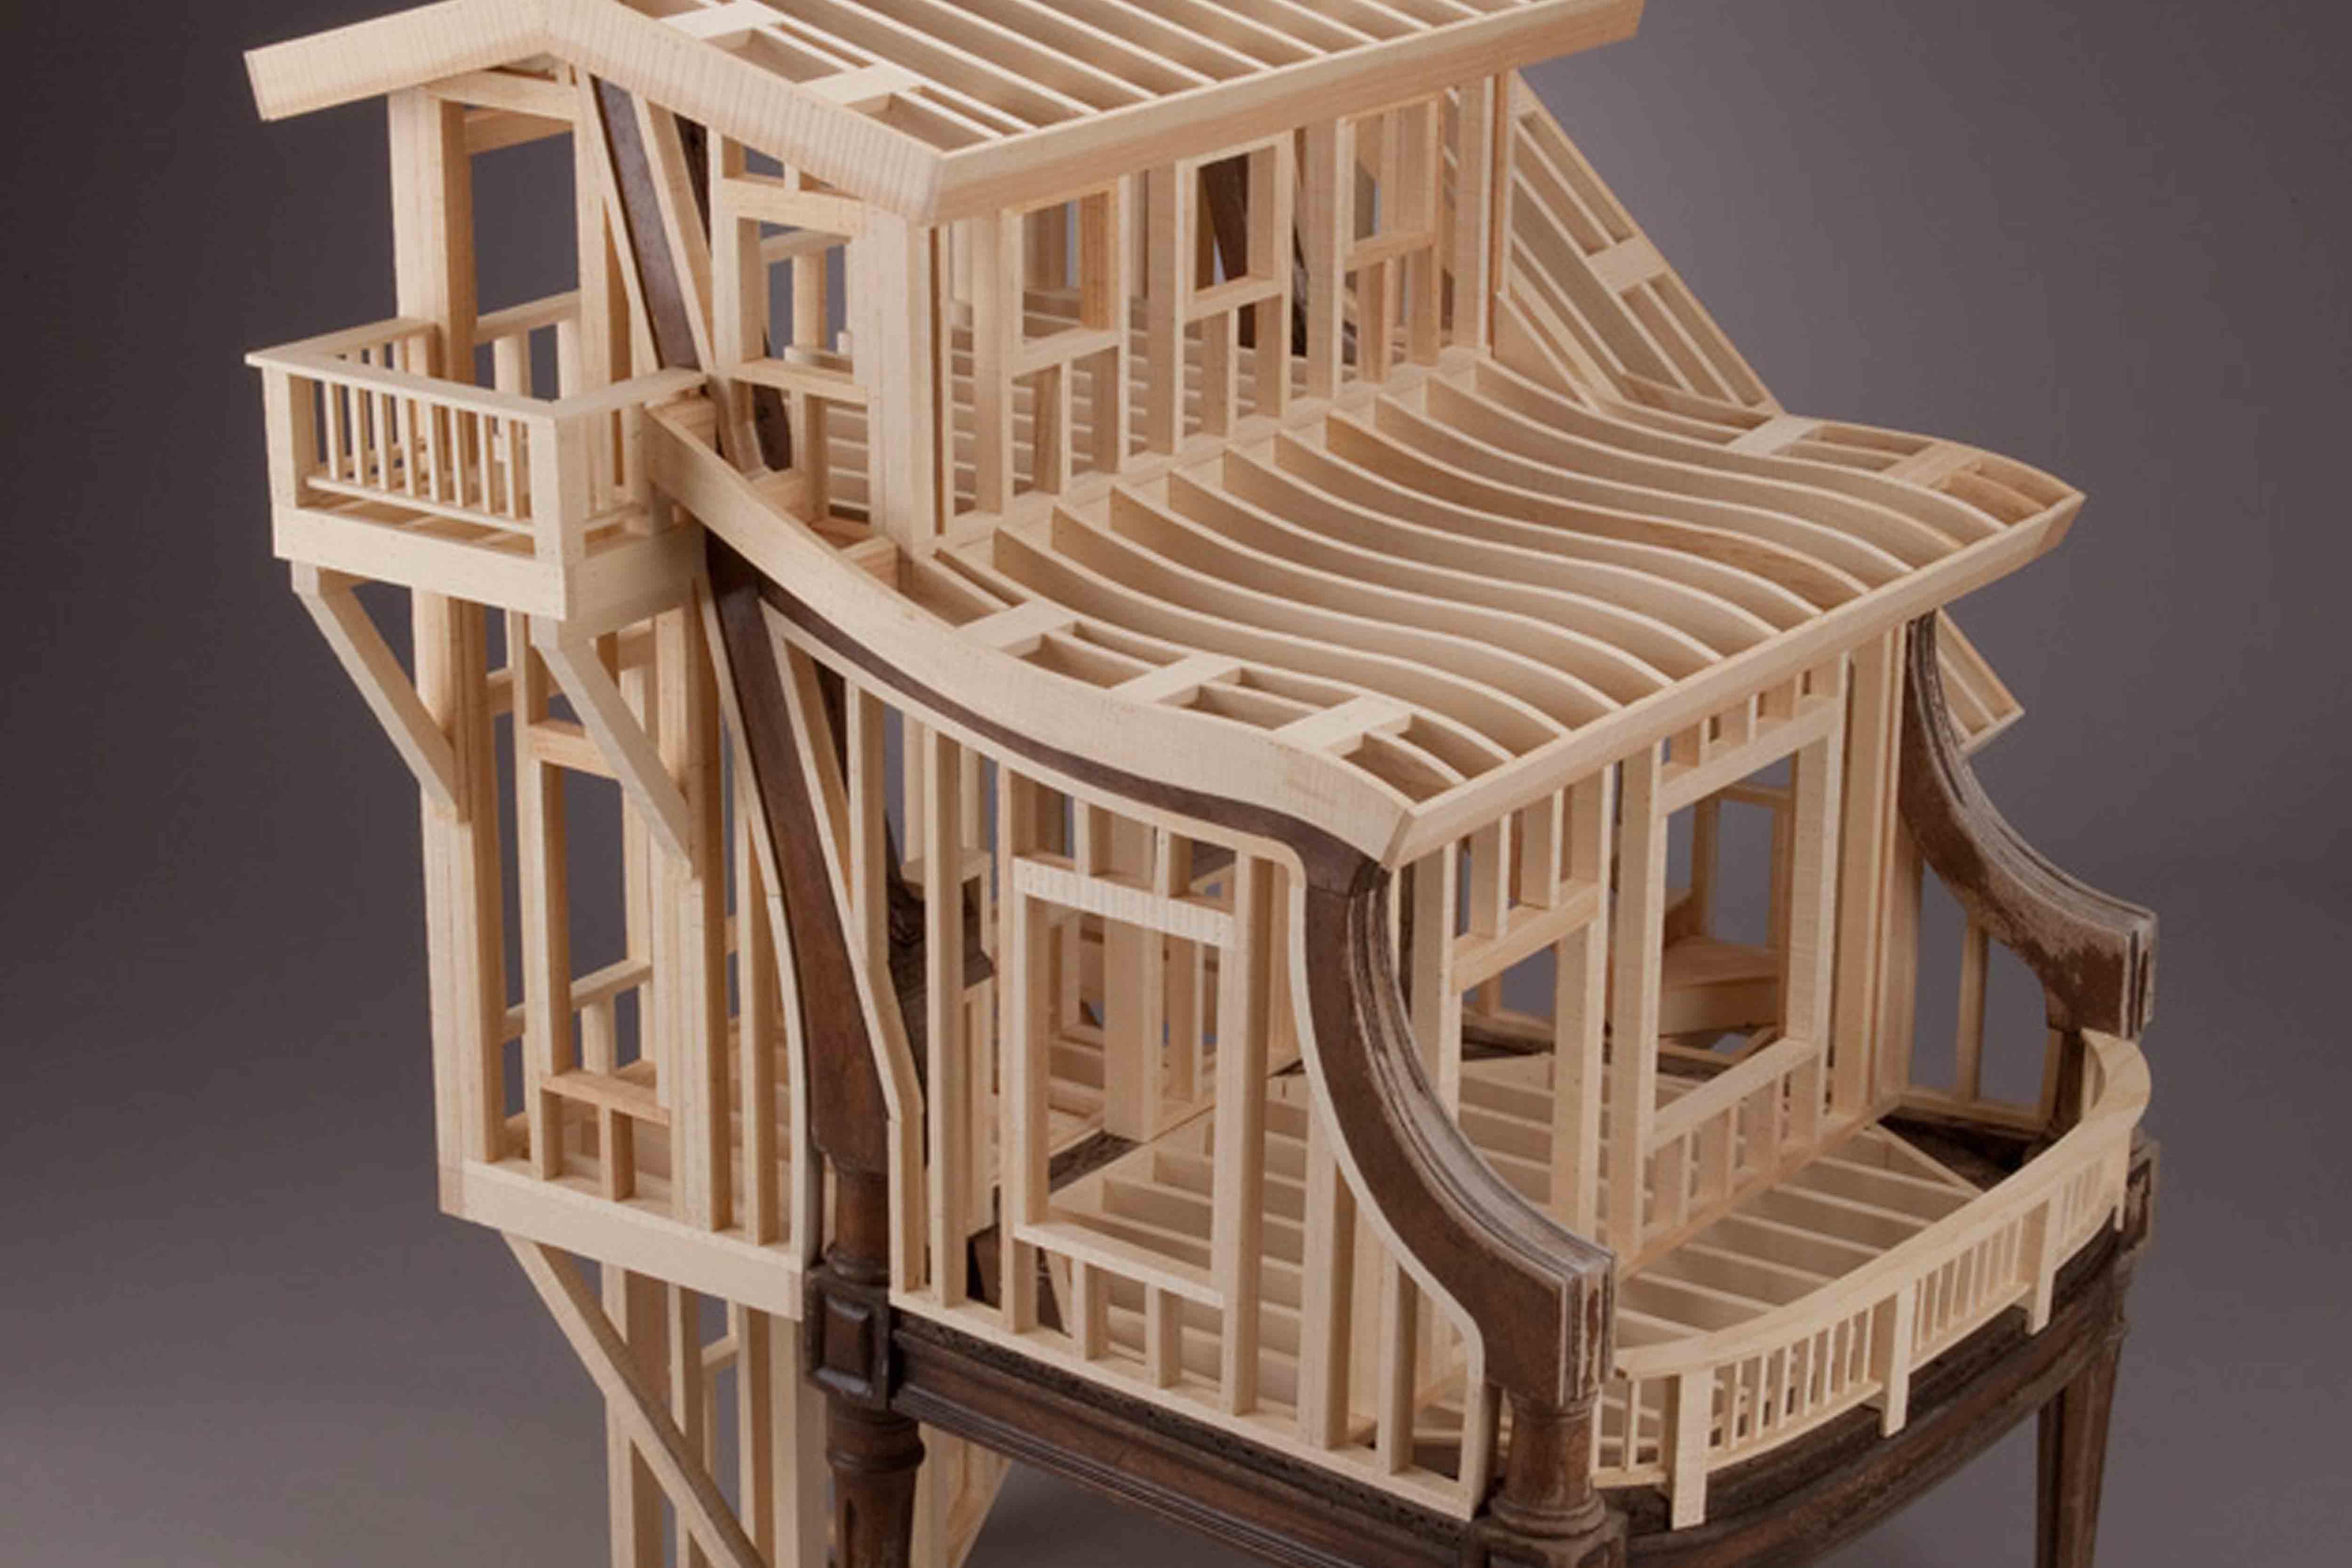 Artista transforma muebles antiguos en obras de arte for Muebles antiguos reciclados